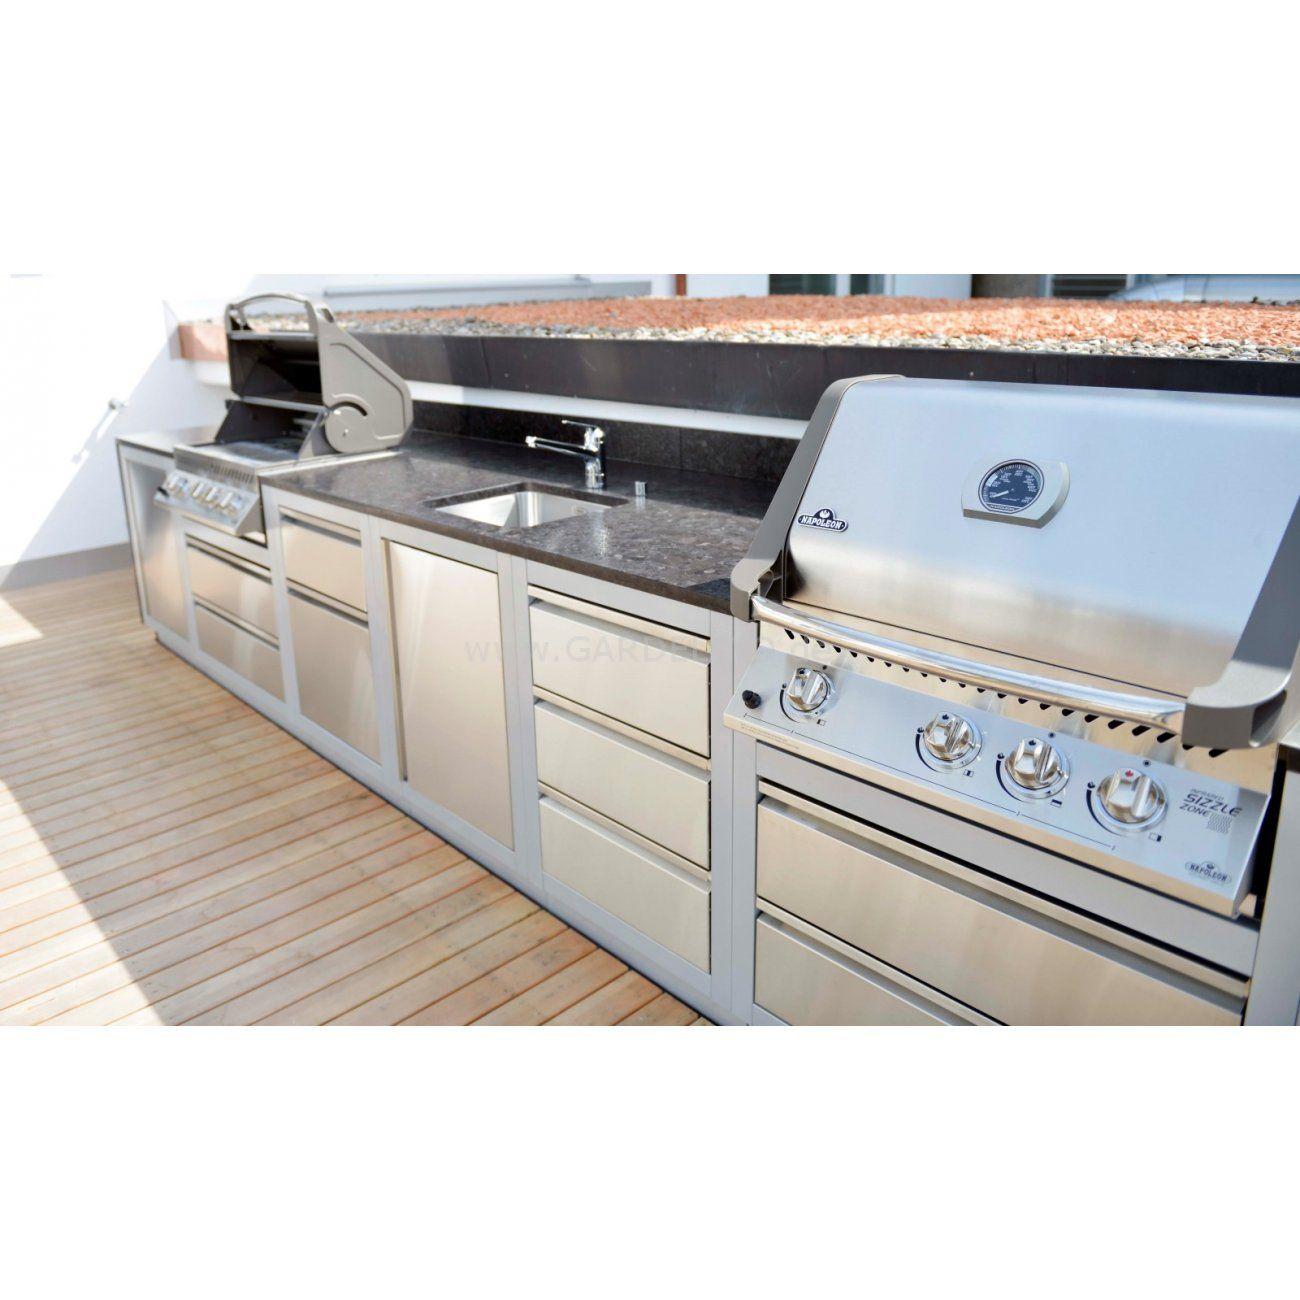 Outdoor kuche stahl for Sommerkuche selber bauen